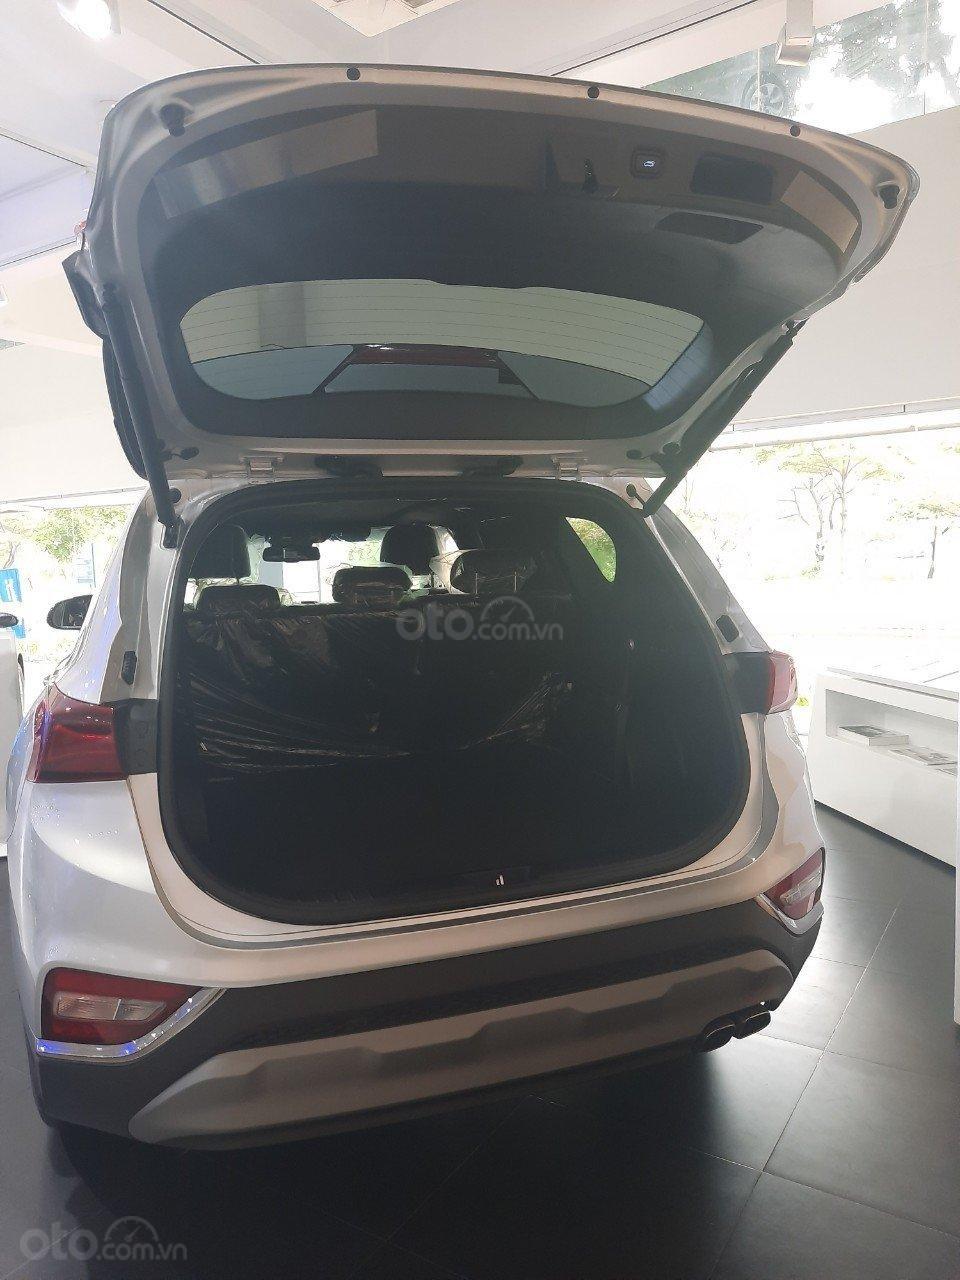 Hot, Hyundai Santa Fe 2020 máy dầu cao cấp, đủ màu, giá tốt (9)